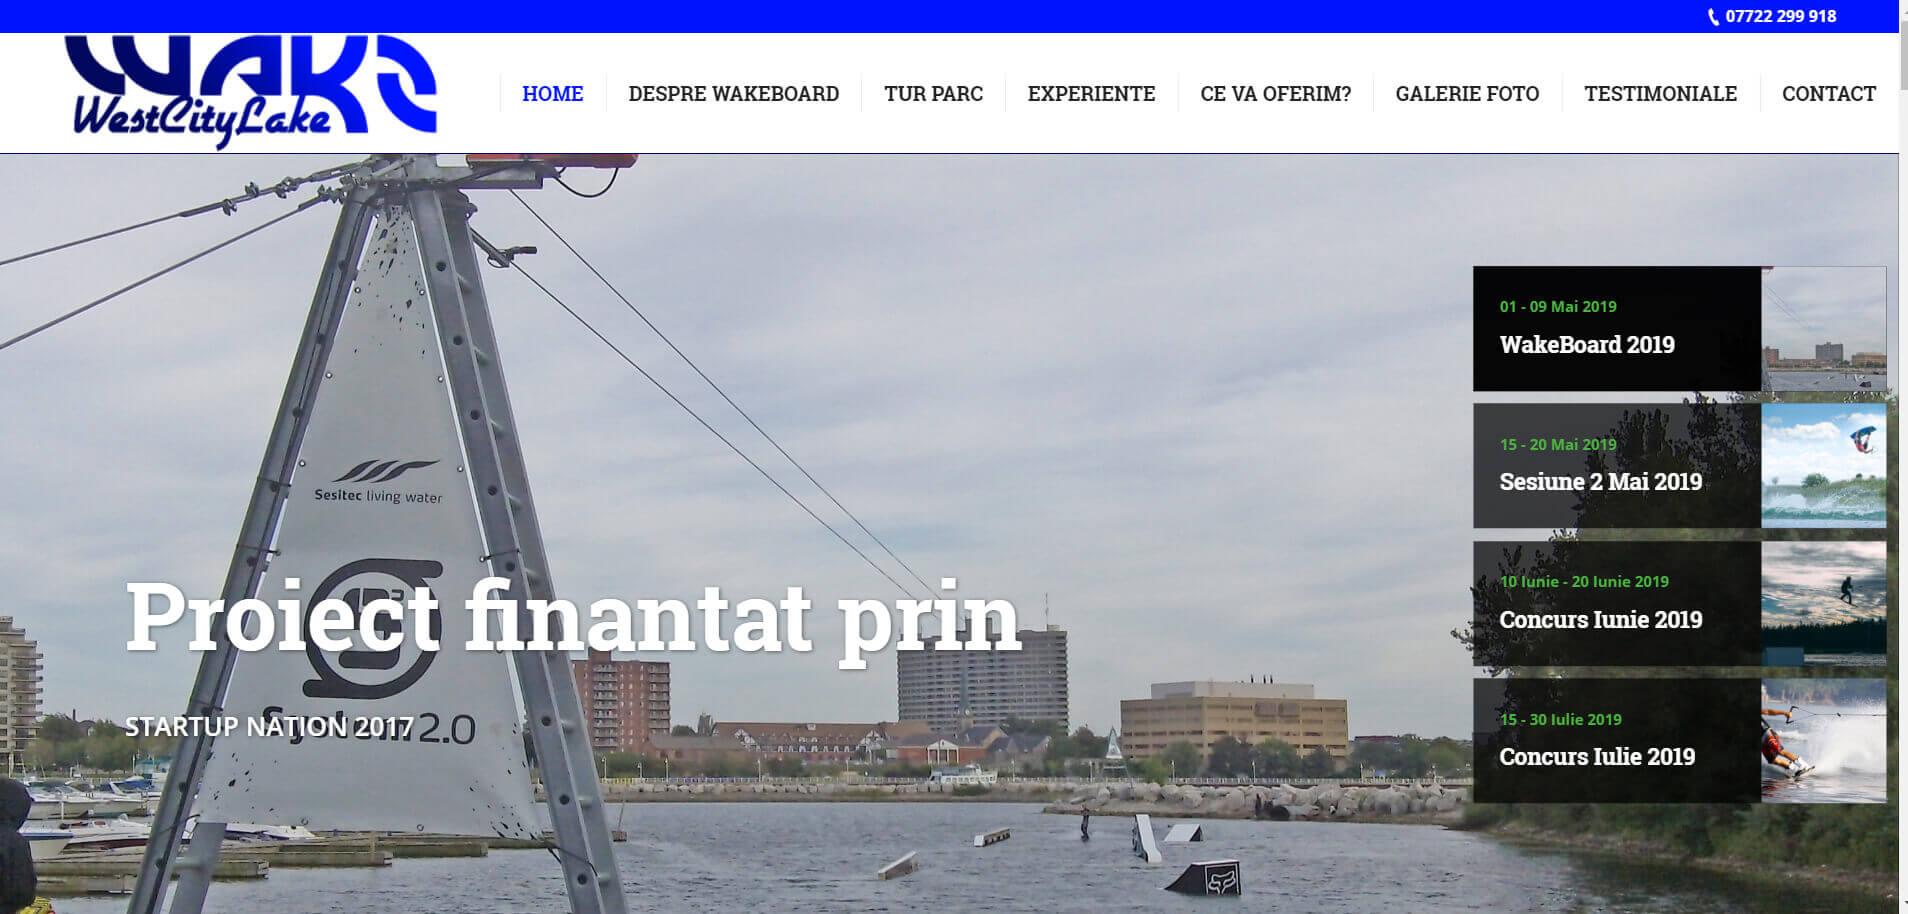 Web Design Timisoara West City Lake